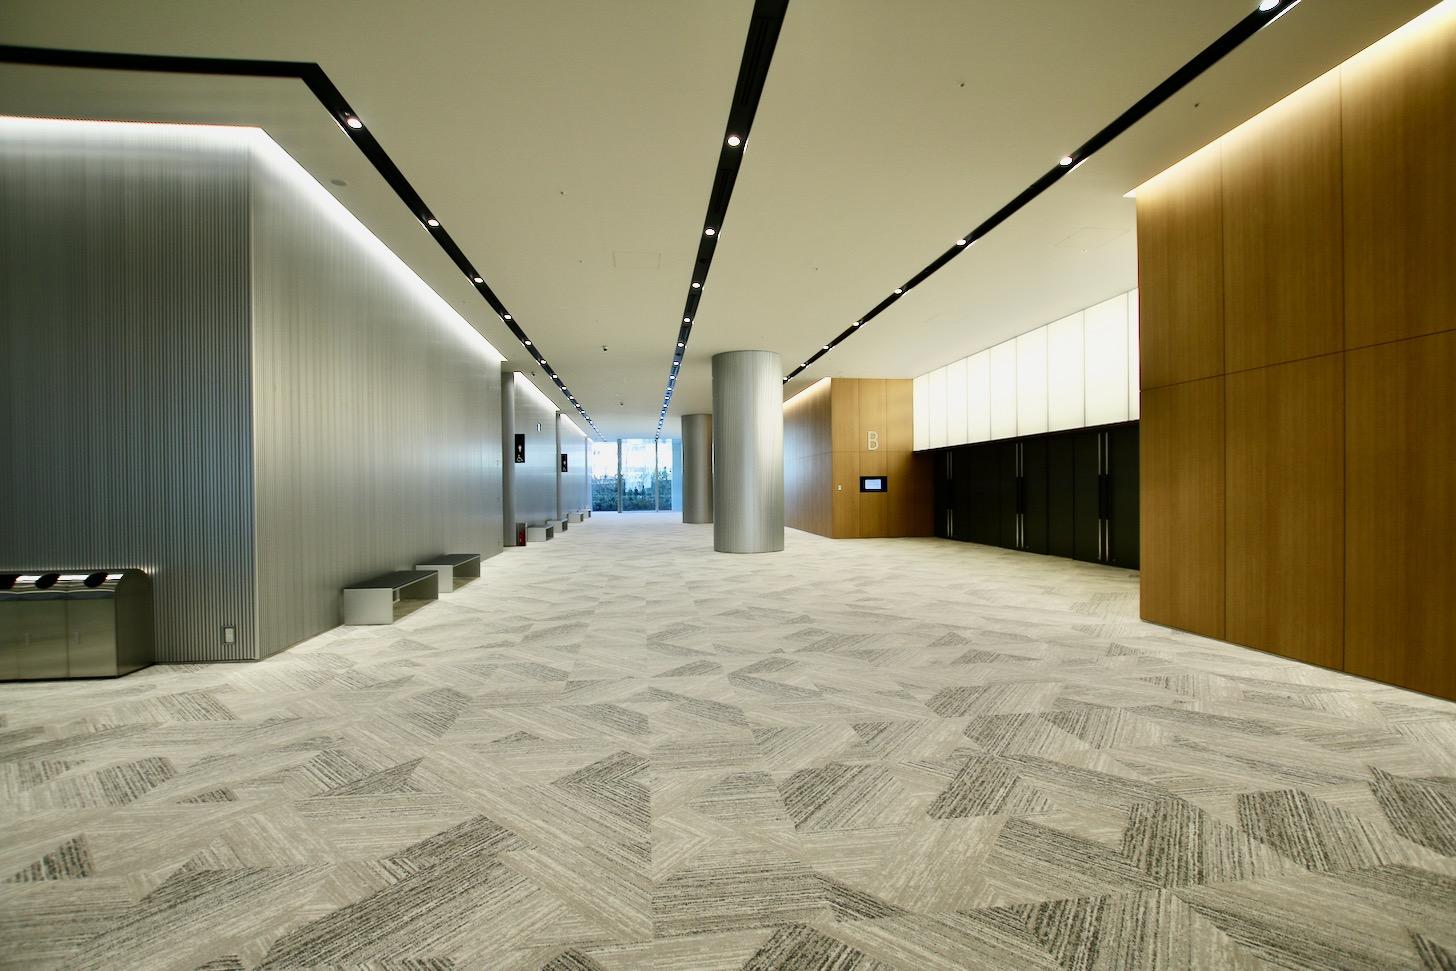 1階 最大1,500名以上が入る「FOREST HALL」ホワイエ